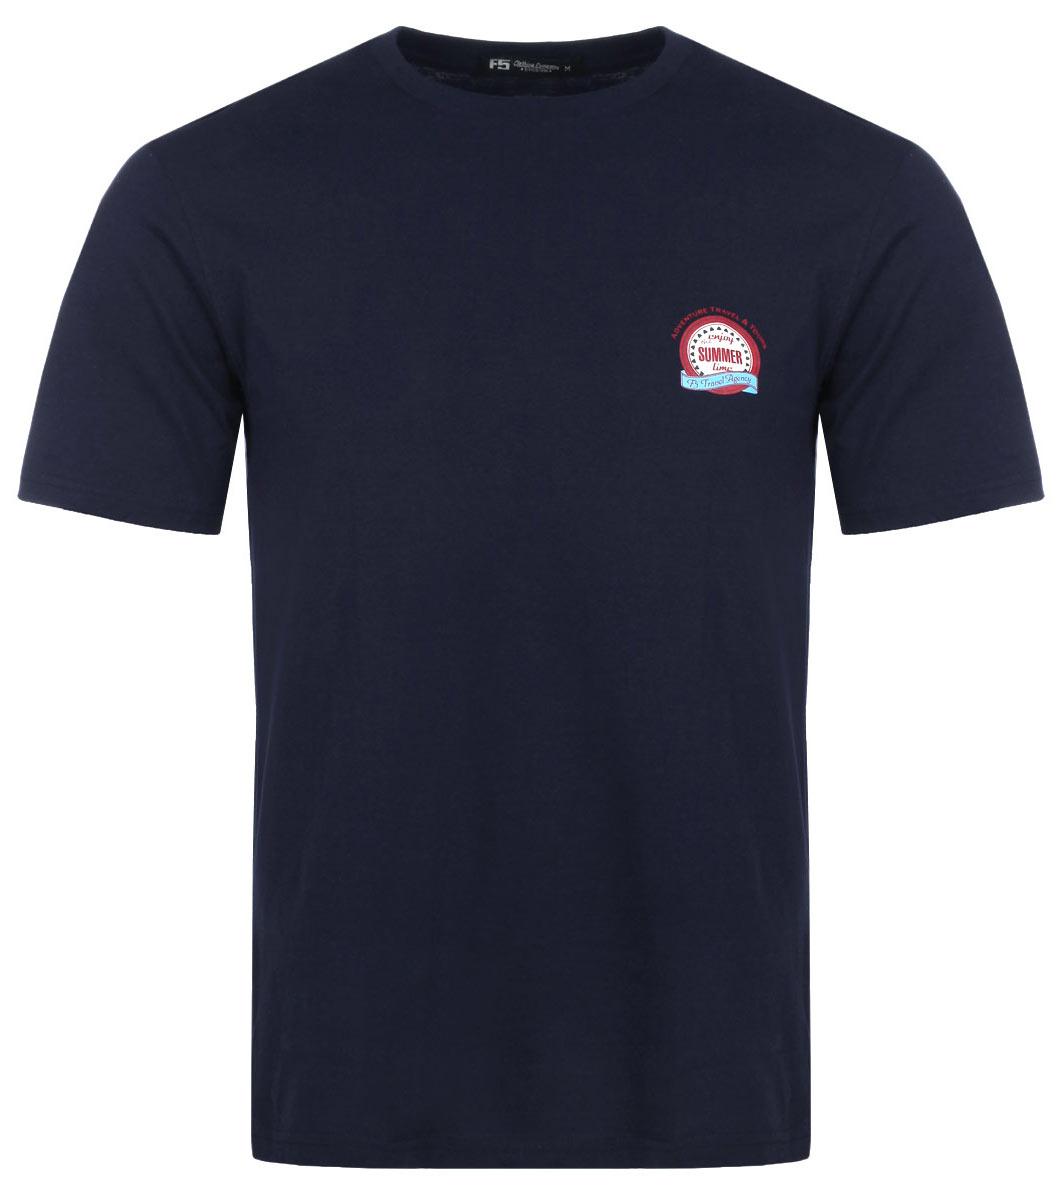 Футболка мужская F5, цвет: темно-синий. 02216/Emblem. Размер XL (52)13734Стильная мужская футболка F5 выполнена из высококачественного натурального хлопка. Материал обладает высокой теплопроводностью, воздухопроницаемостью и гигроскопичностью, позволяет коже дышать. Простая и универсальная модель - незаменимый вариант для каждого дня. Футболка с круглым вырезом горловины и короткими рукавами на груди оформлена принтовой эмблемой и различными надписями. В этой футболке вы всегда будете чувствовать себя уверенно, оставаясь в центре внимания.